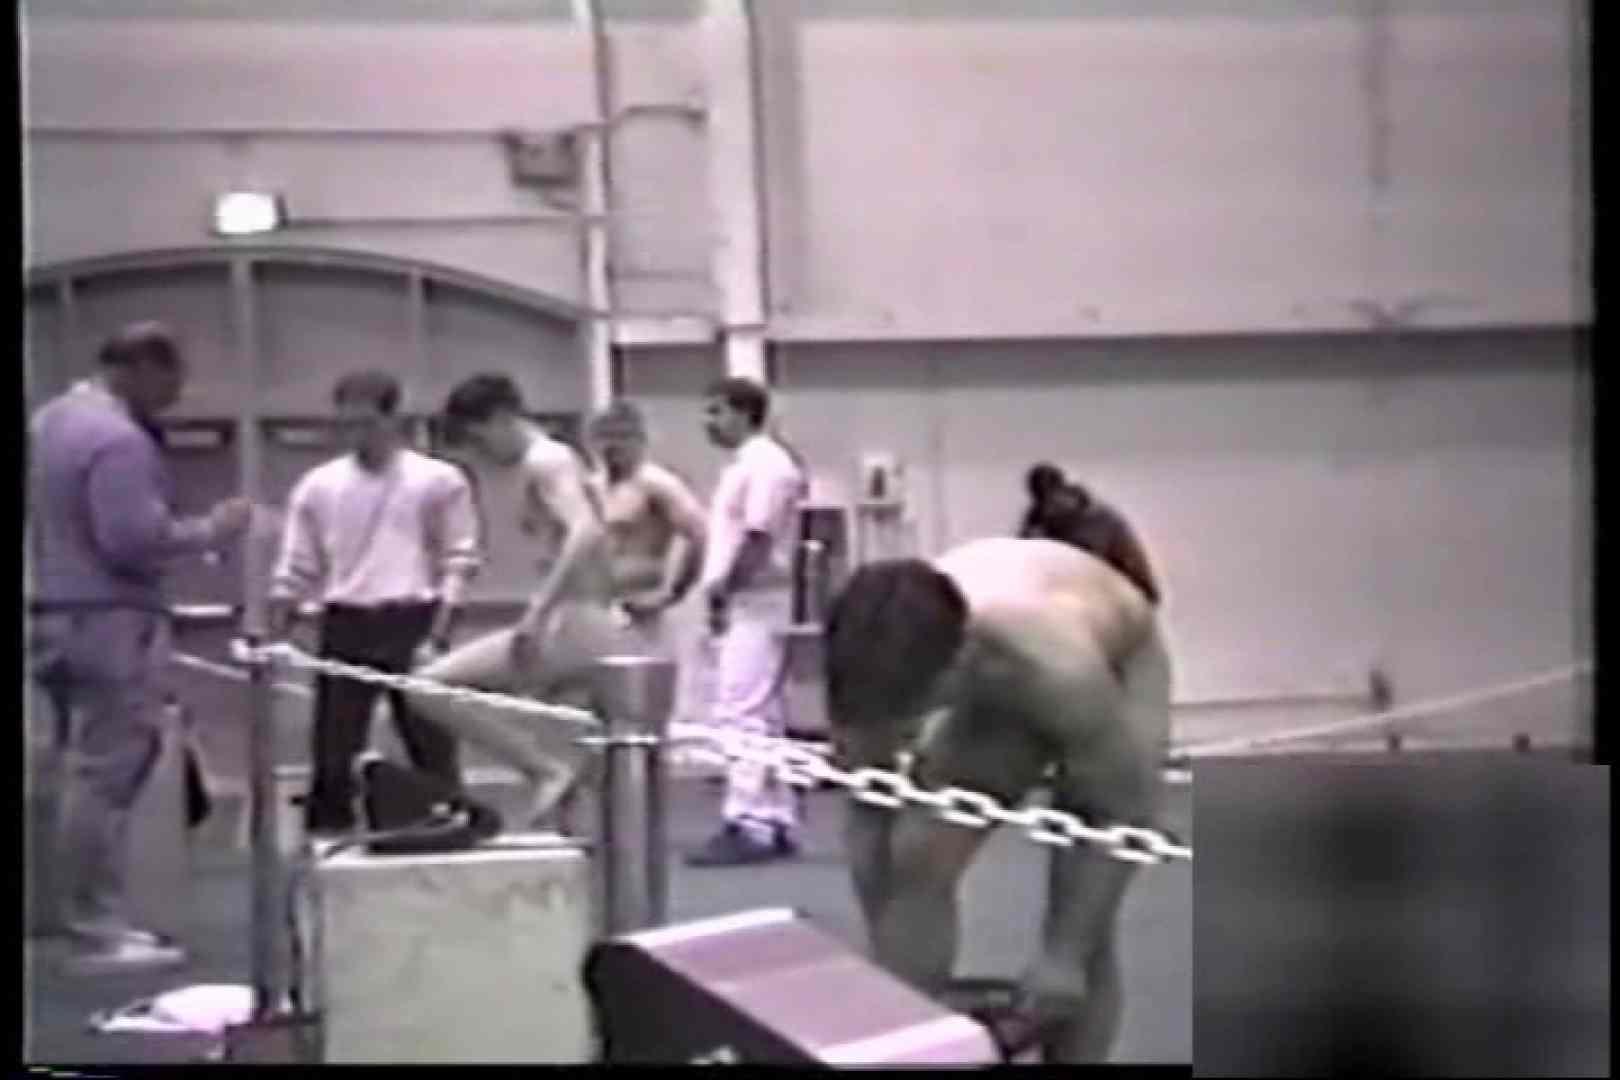 洋人さんの脱衣所を覗いてみました。VOL.5 0 | ガチムチマッチョ系メンズ  12画像 9